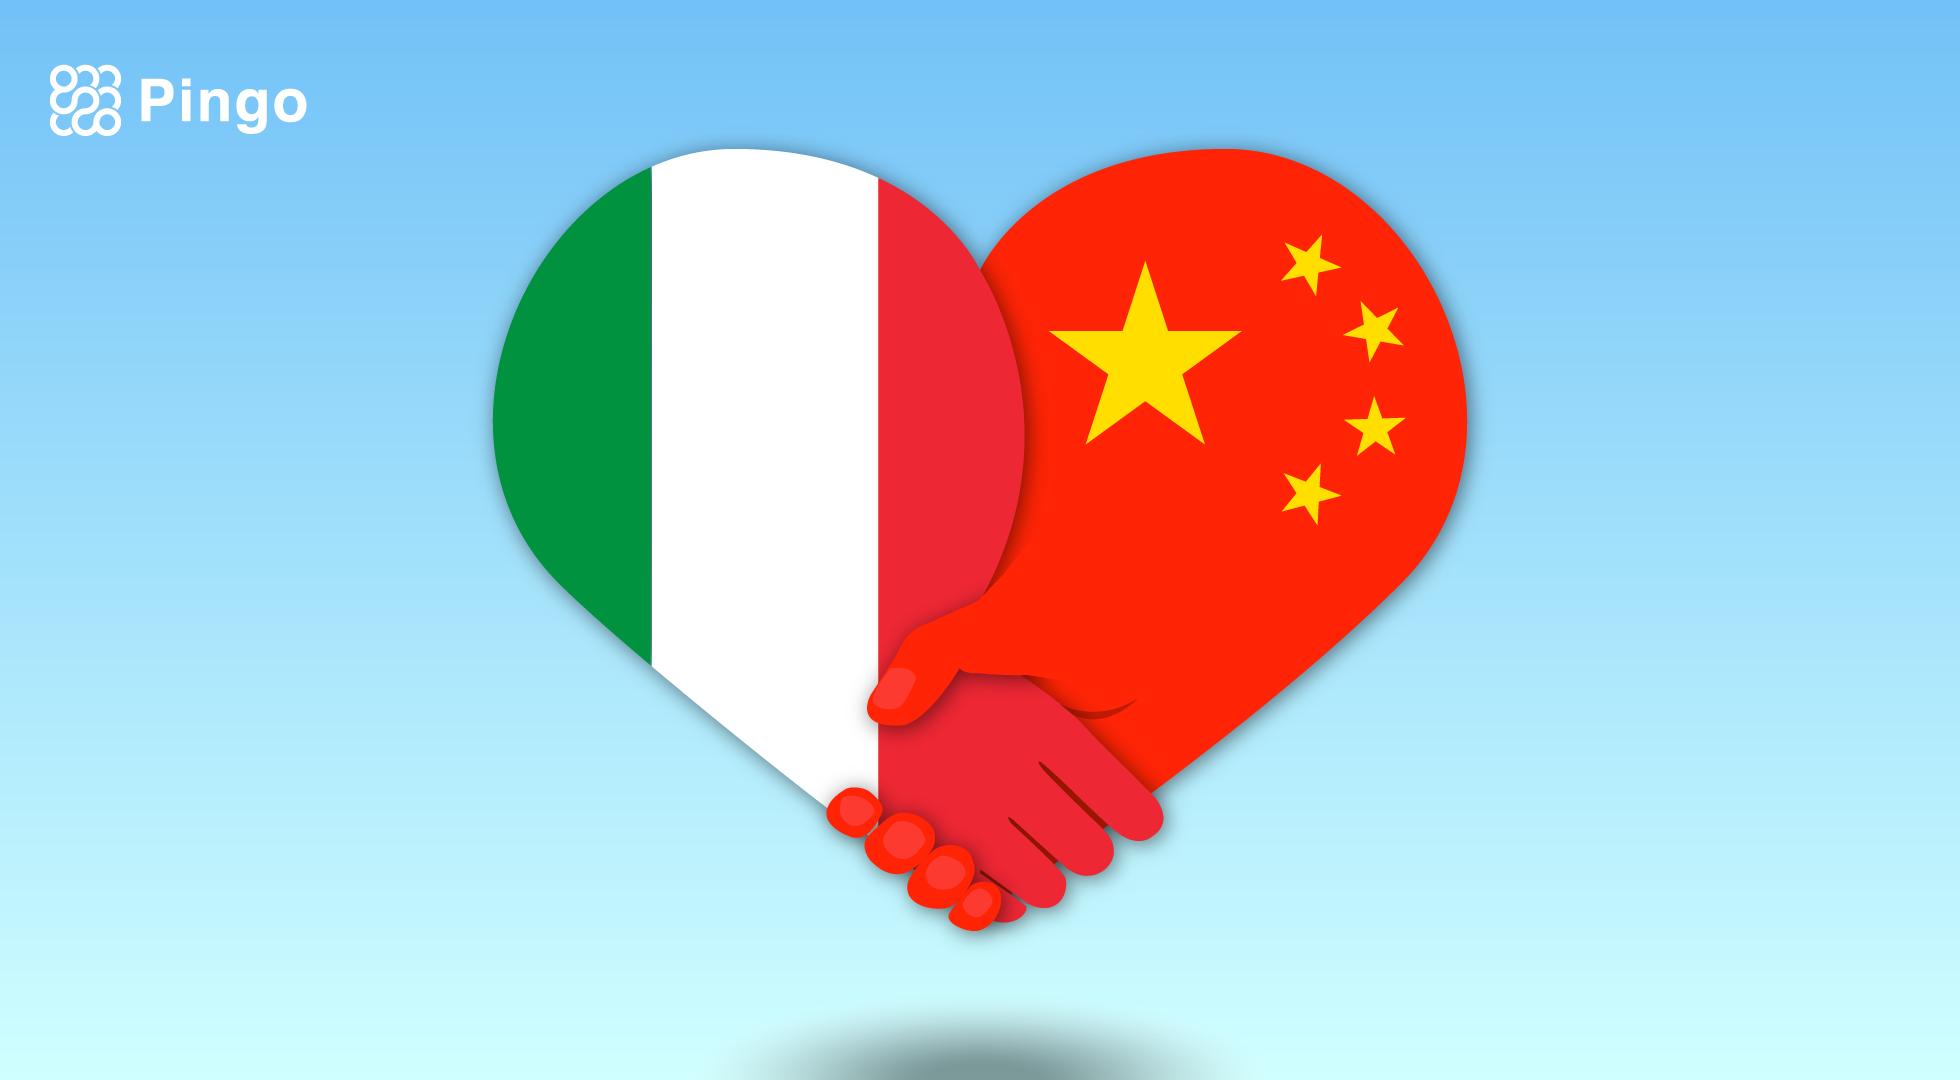 Cina e Italia: Un immagine contenente un cuore formato da due parti, con due mani che si stringono, uno con sfondo la bandiera cinese, uno con la bandiera Italiana